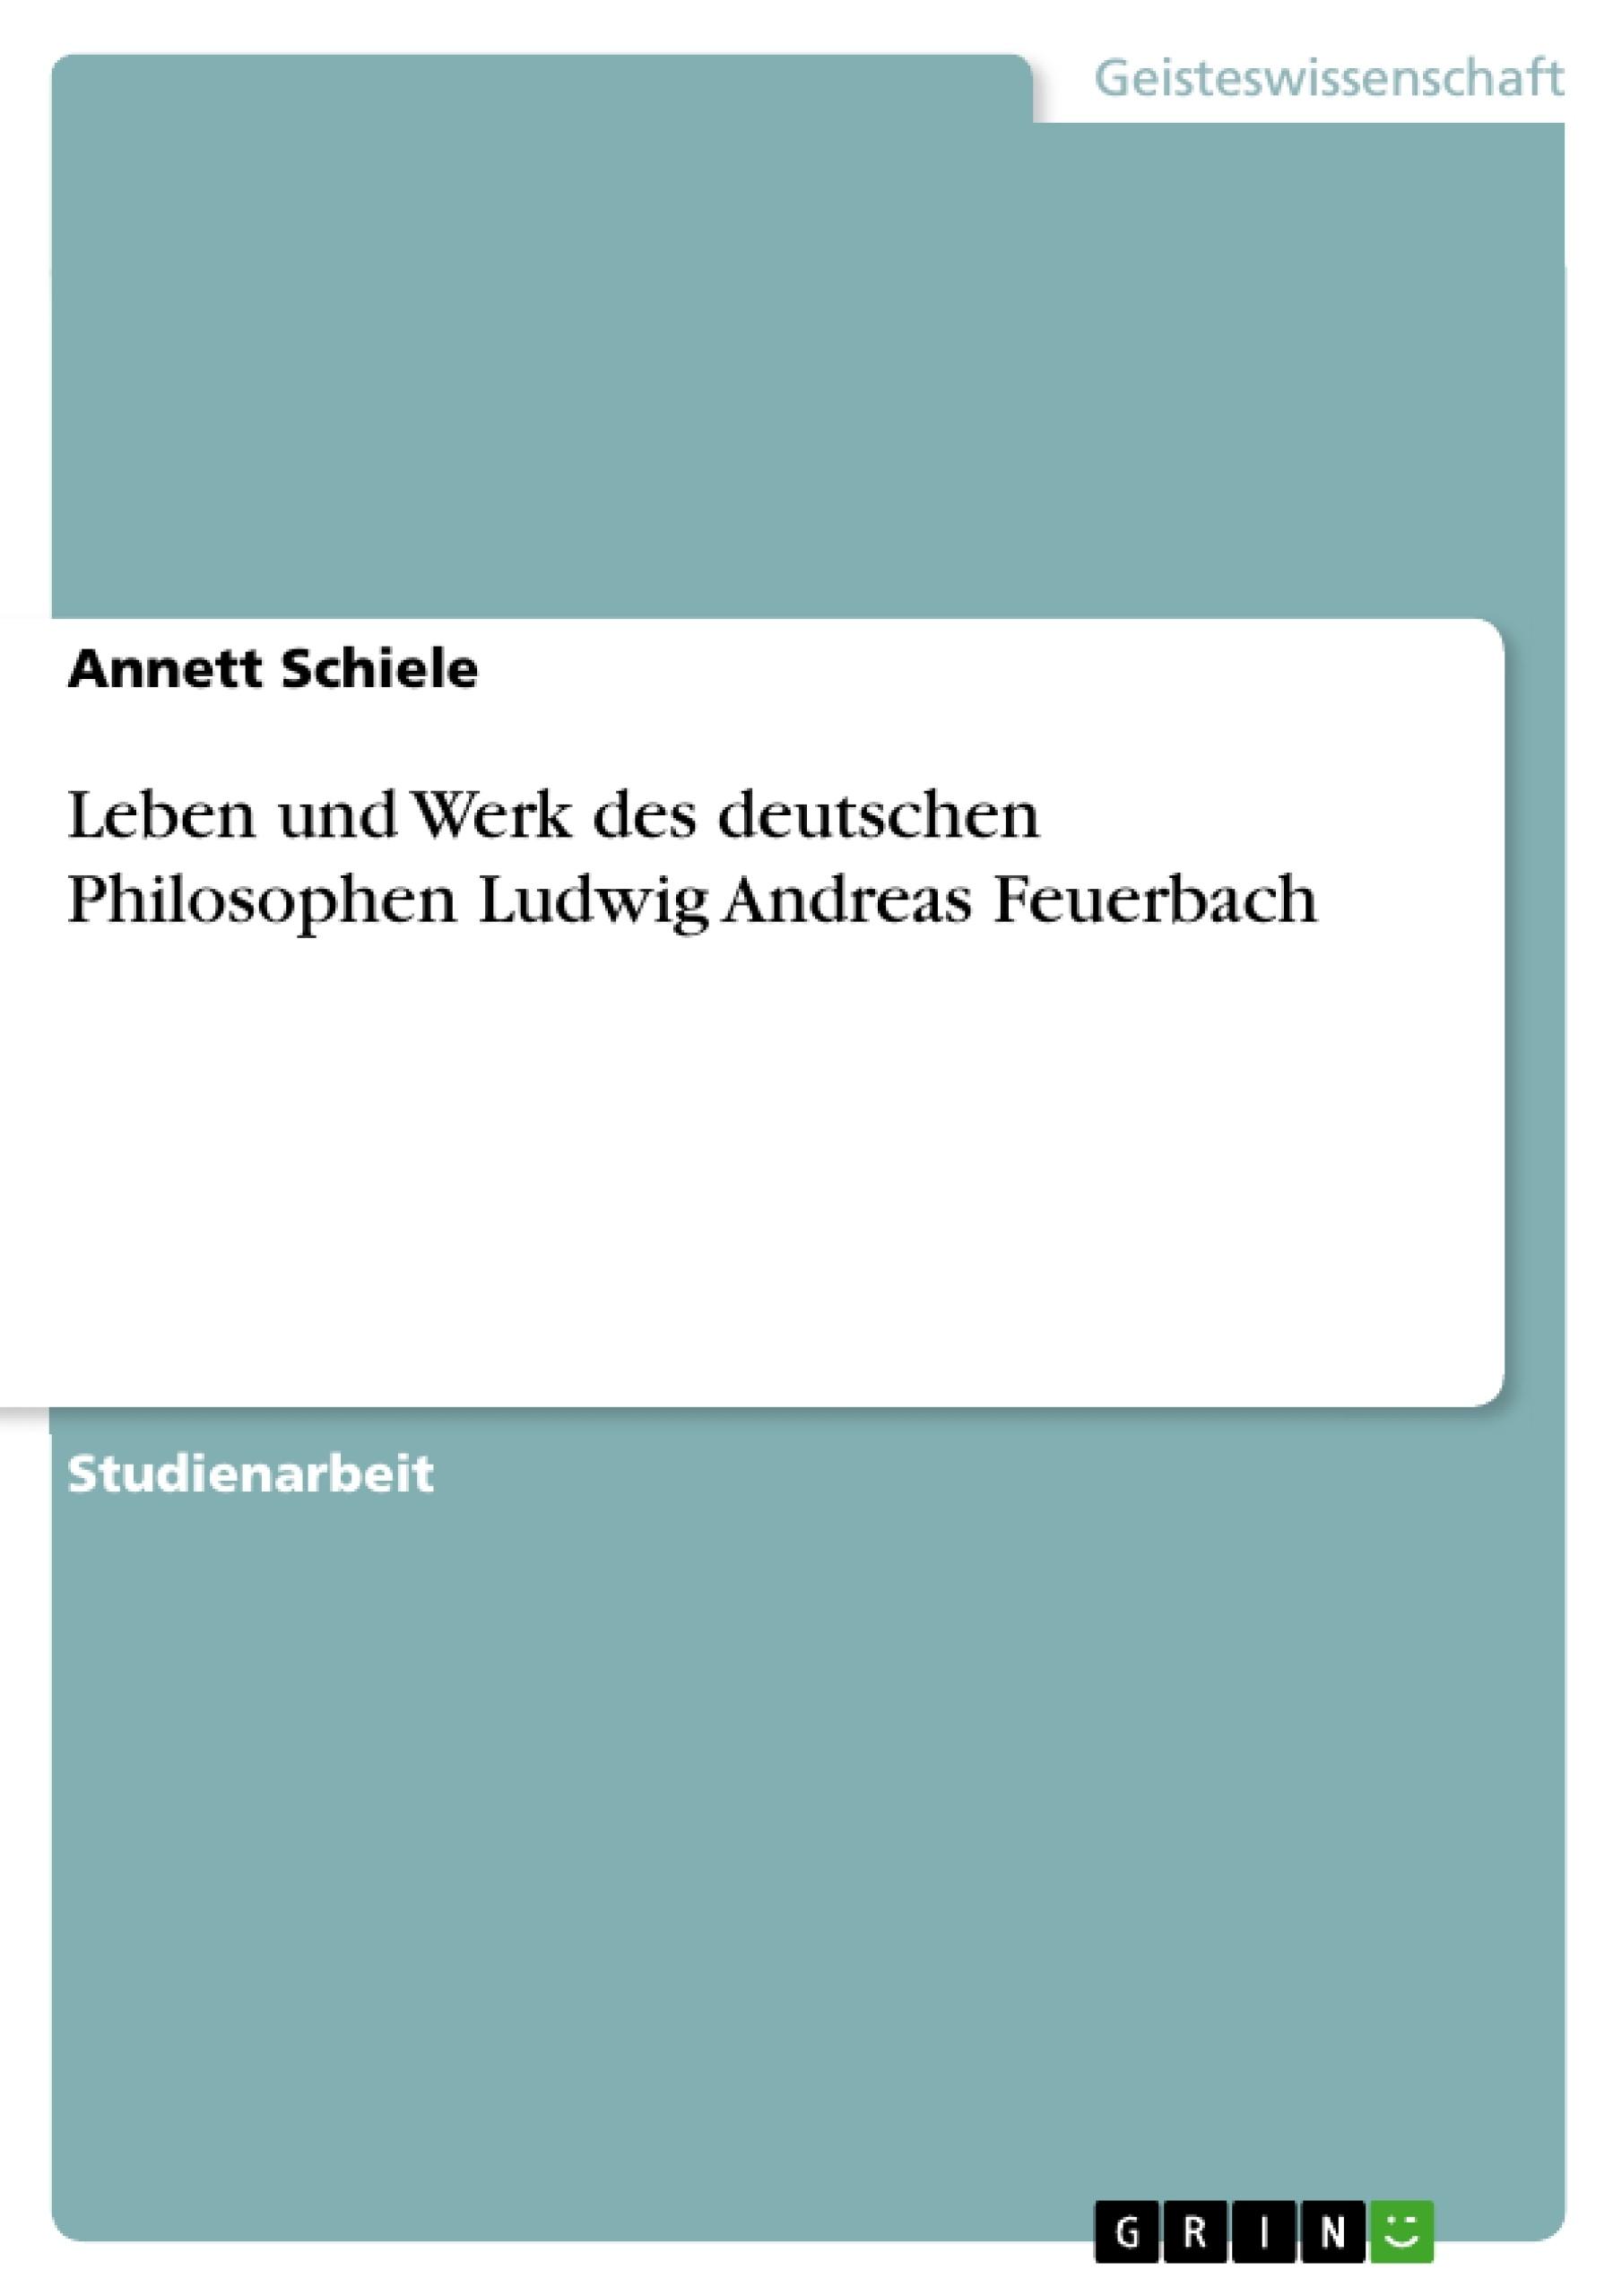 Titel: Leben und Werk des deutschen Philosophen Ludwig Andreas Feuerbach